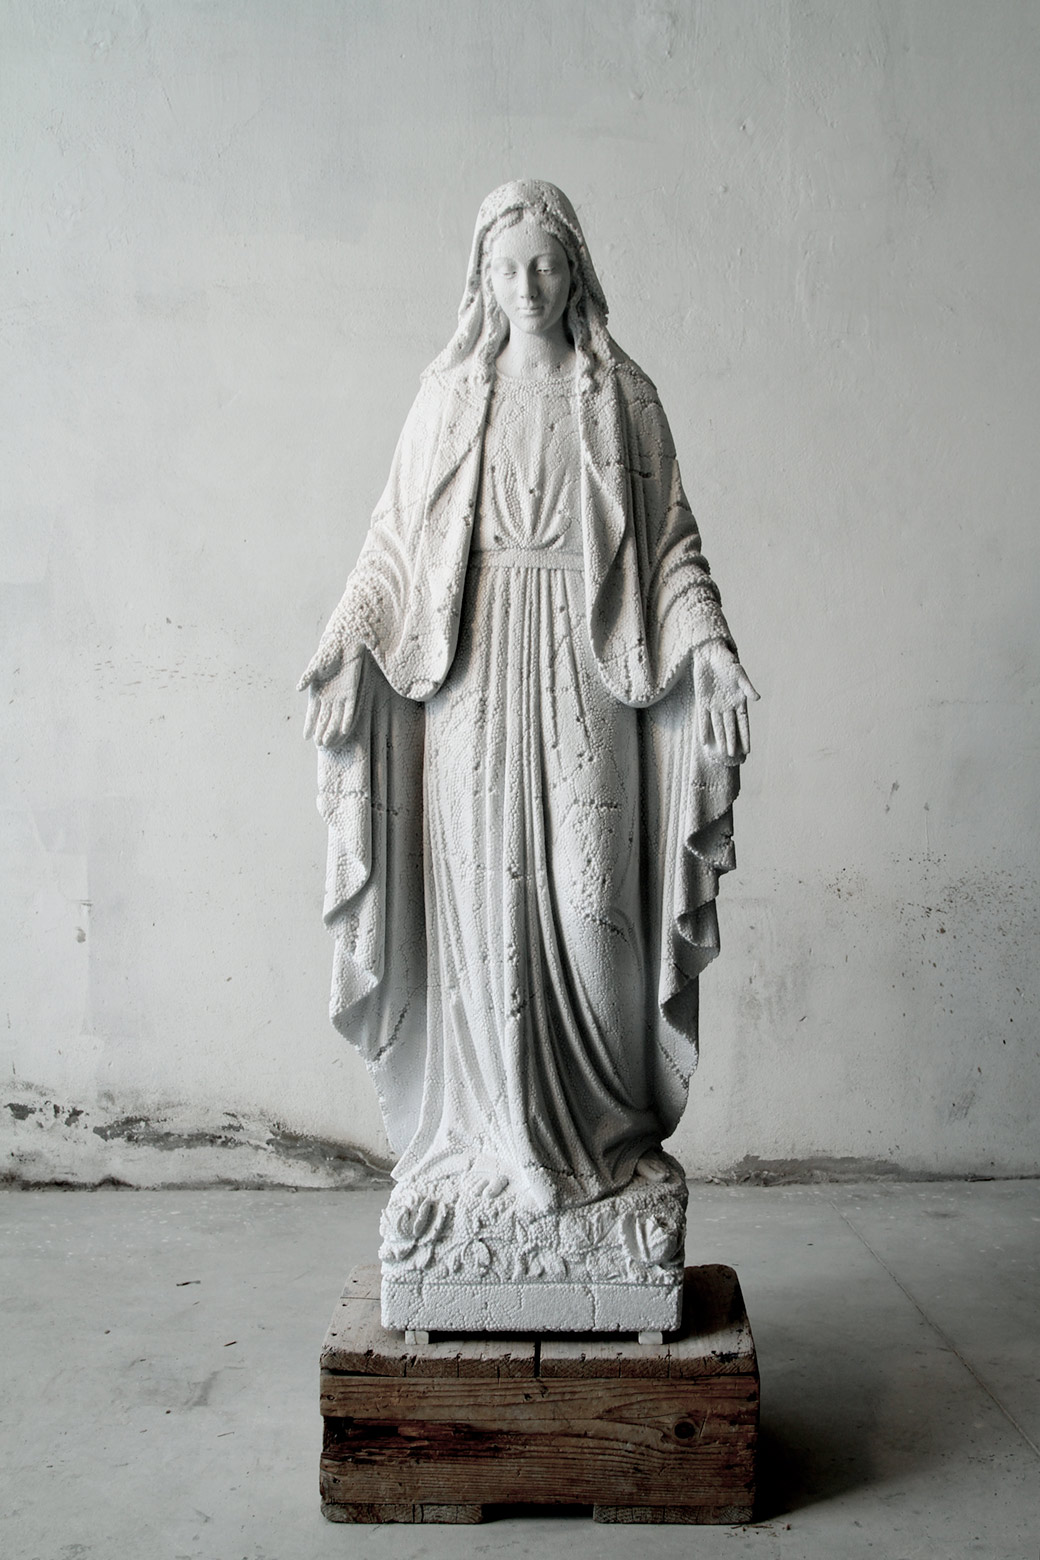 Courtesy Galleria Poggiali e Forconi